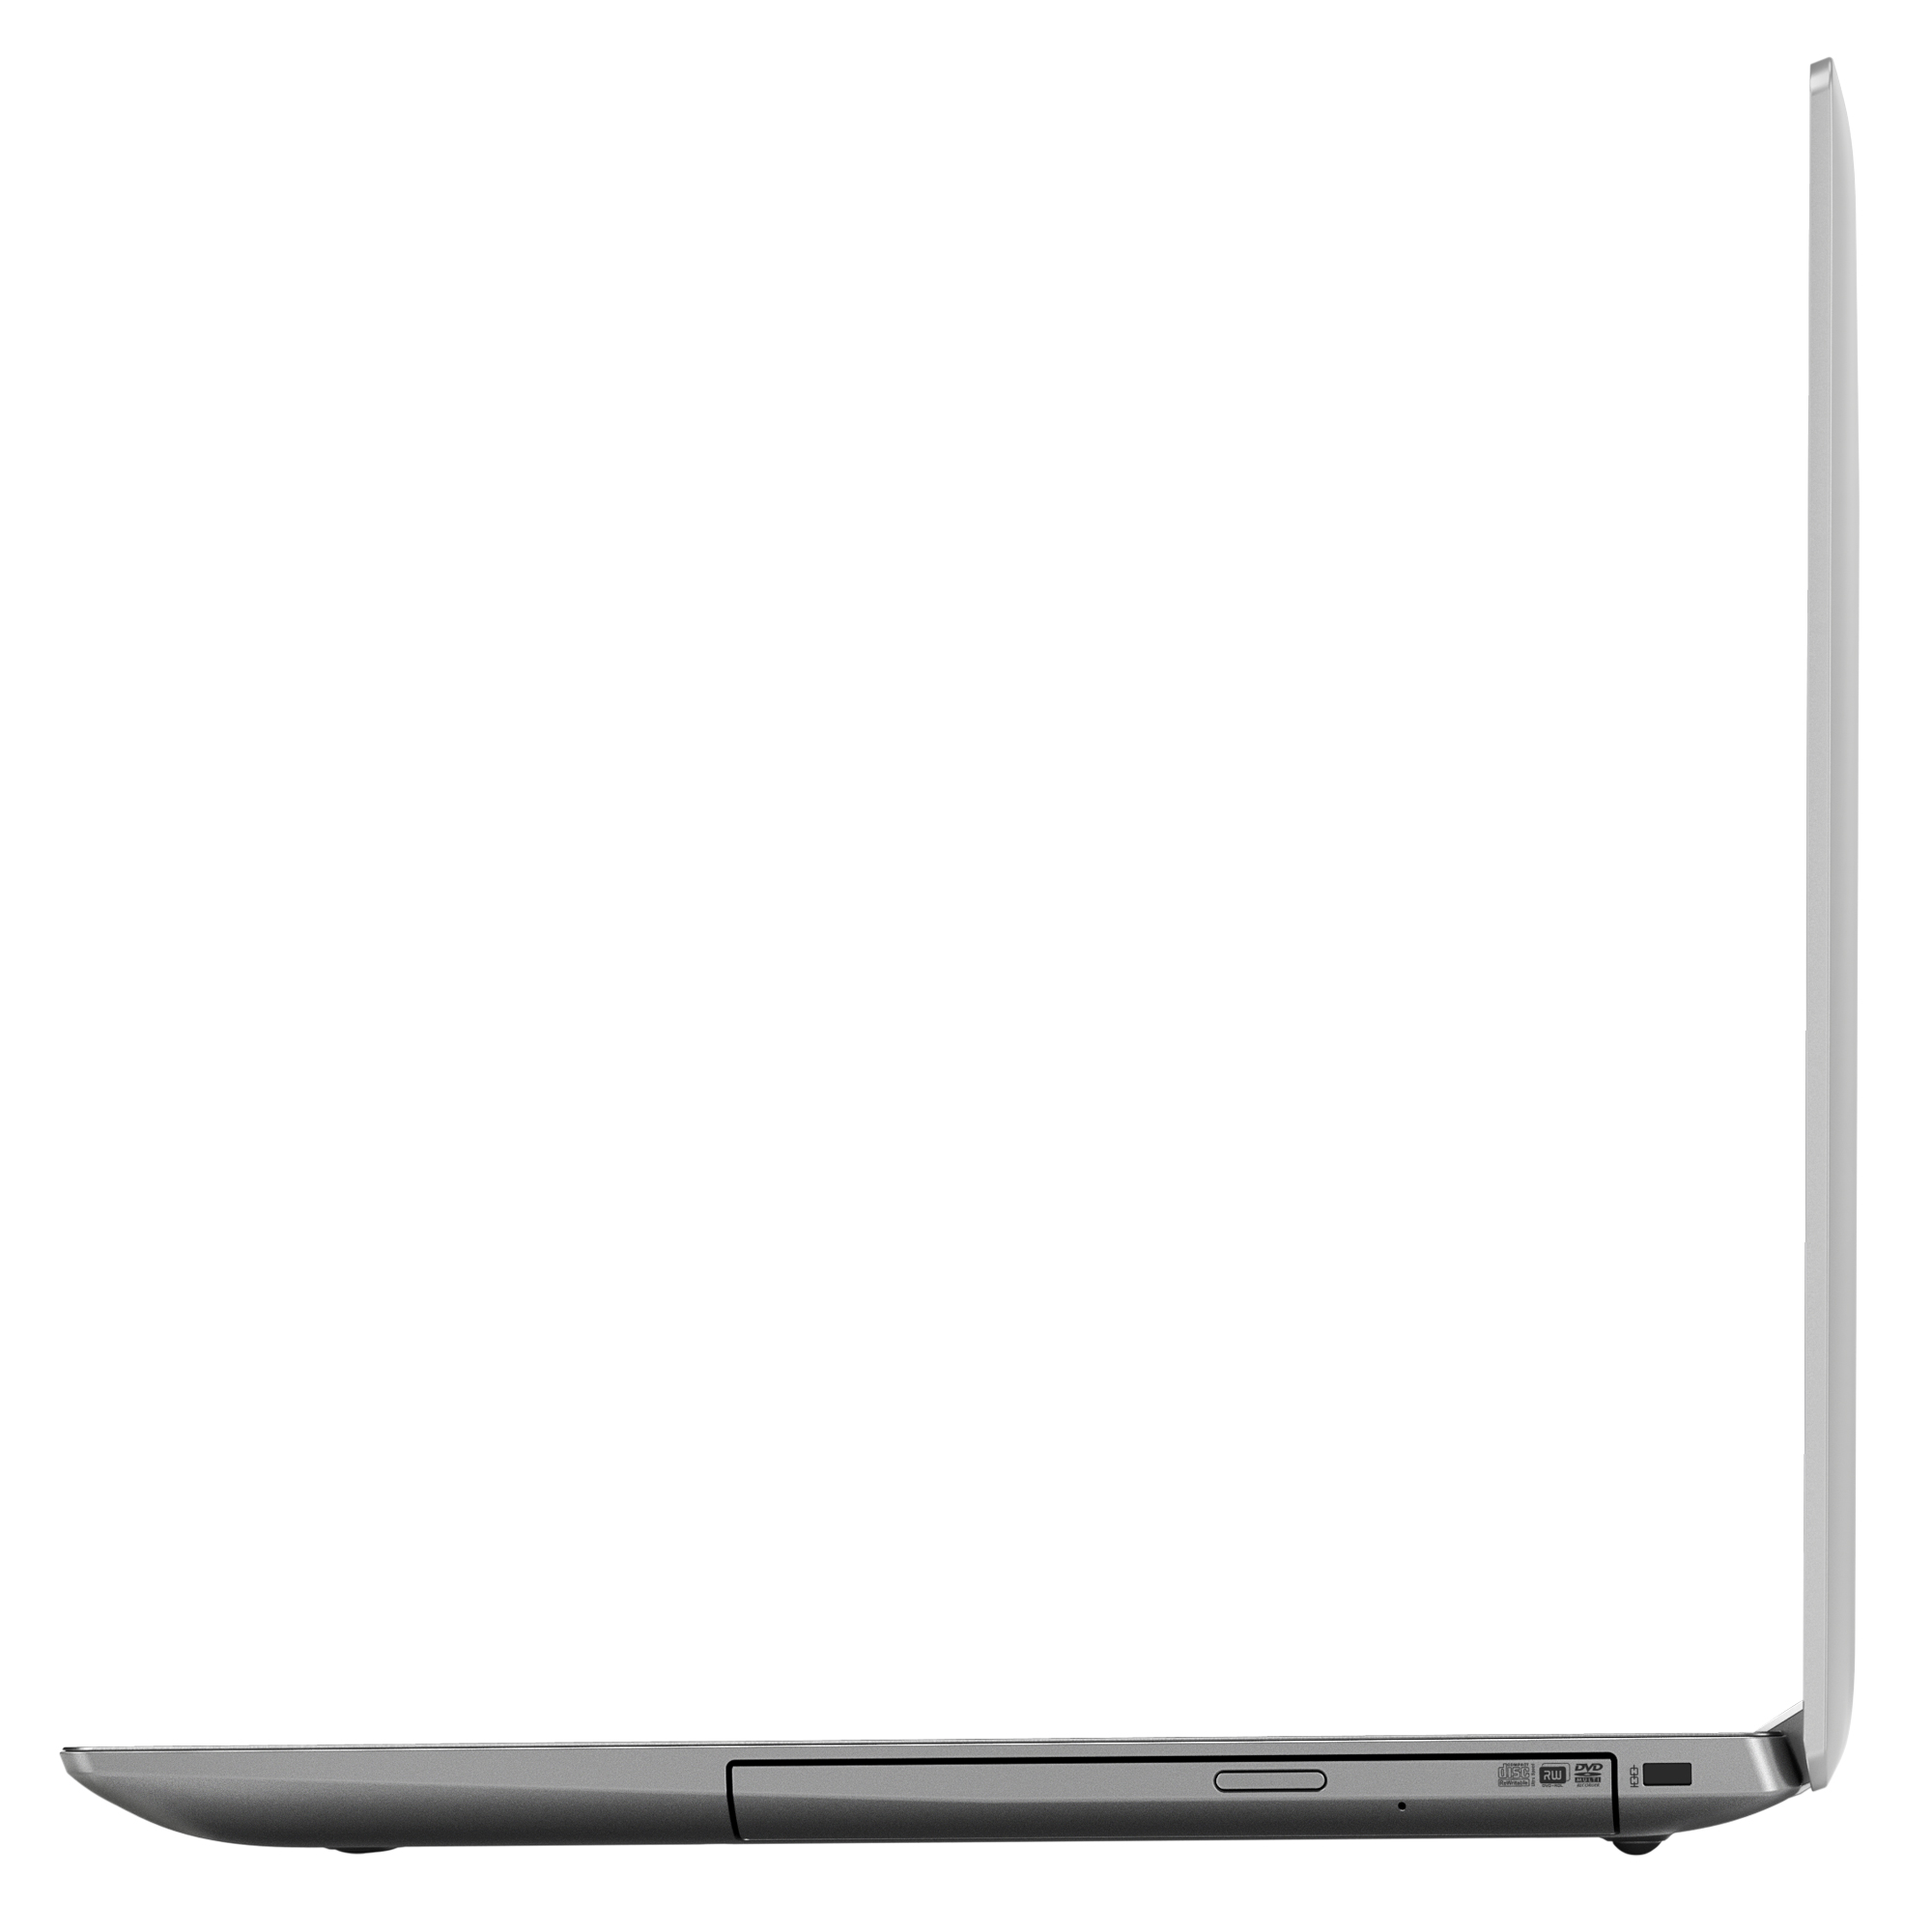 Фото  Ноутбук Lenovo ideapad 330-15 Platinum Grey (81DE01FLRA)